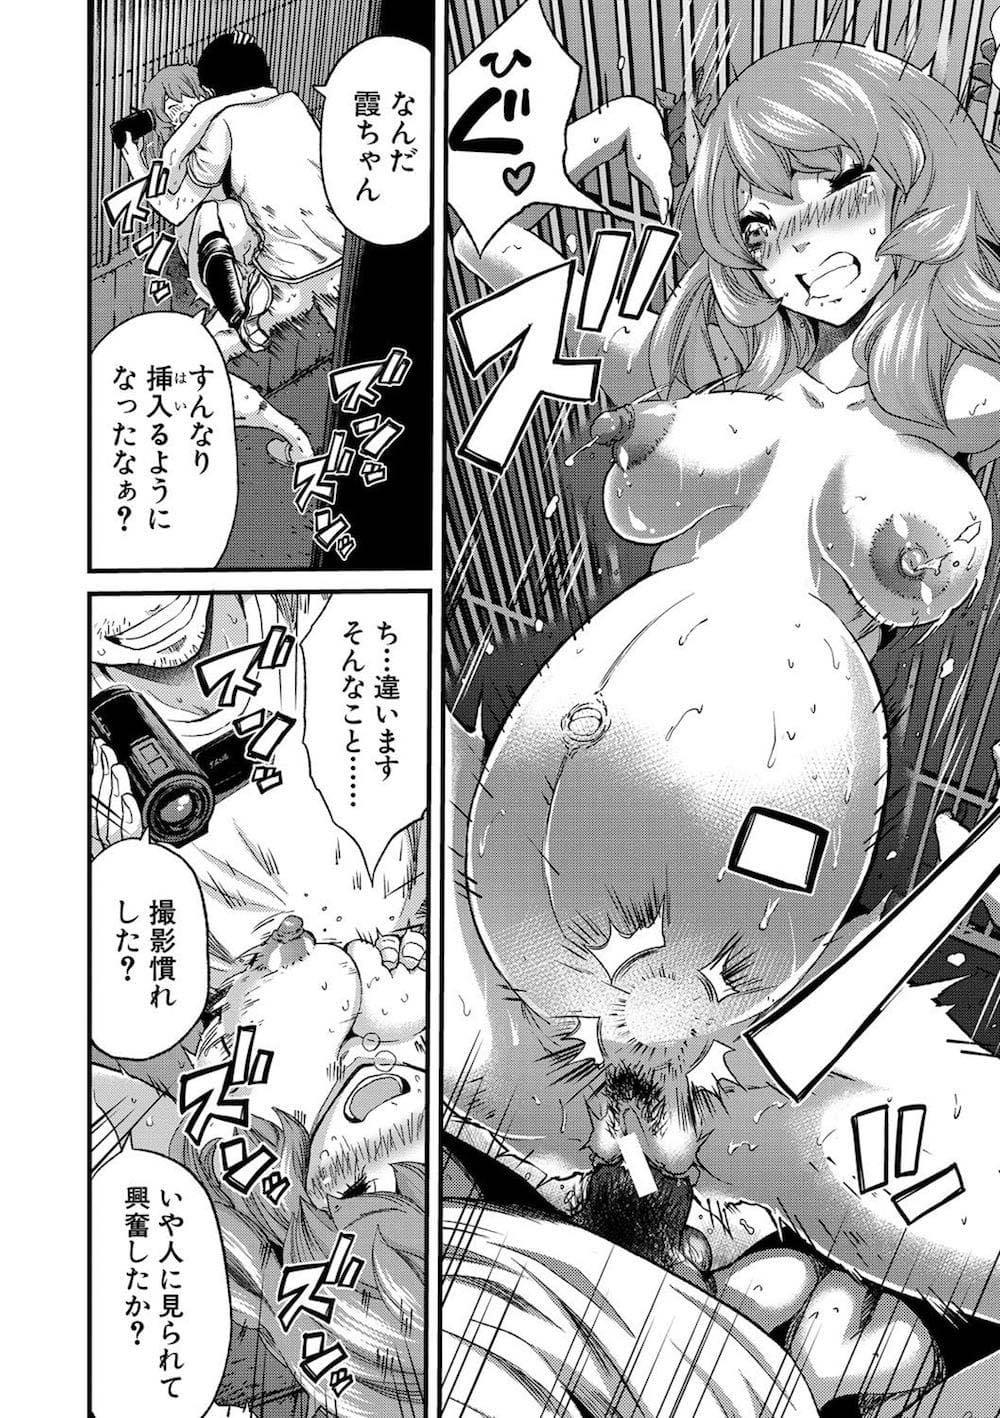 【エロ漫画】ドスケベ妊婦が野外露出AVに挑戦wwwボテ腹揺らしてアヘりまくり!!